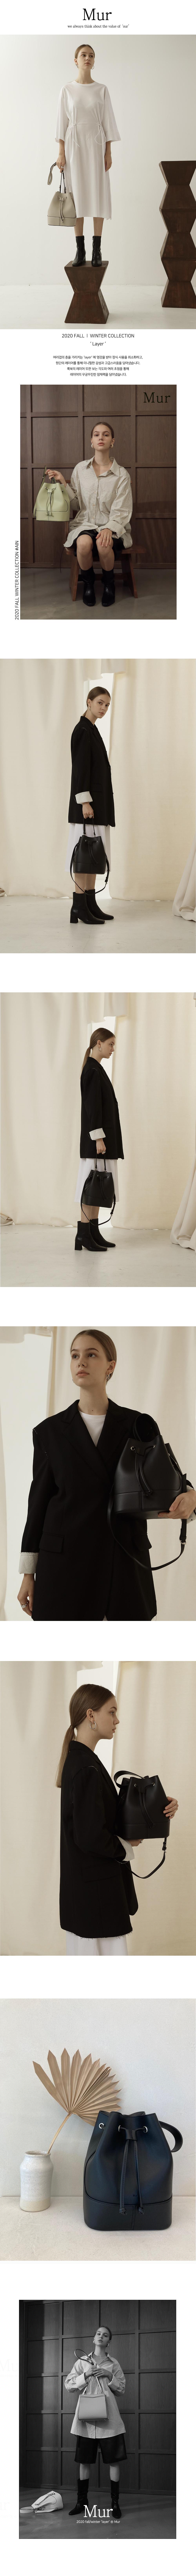 무르(MUR) 아인백-블랙